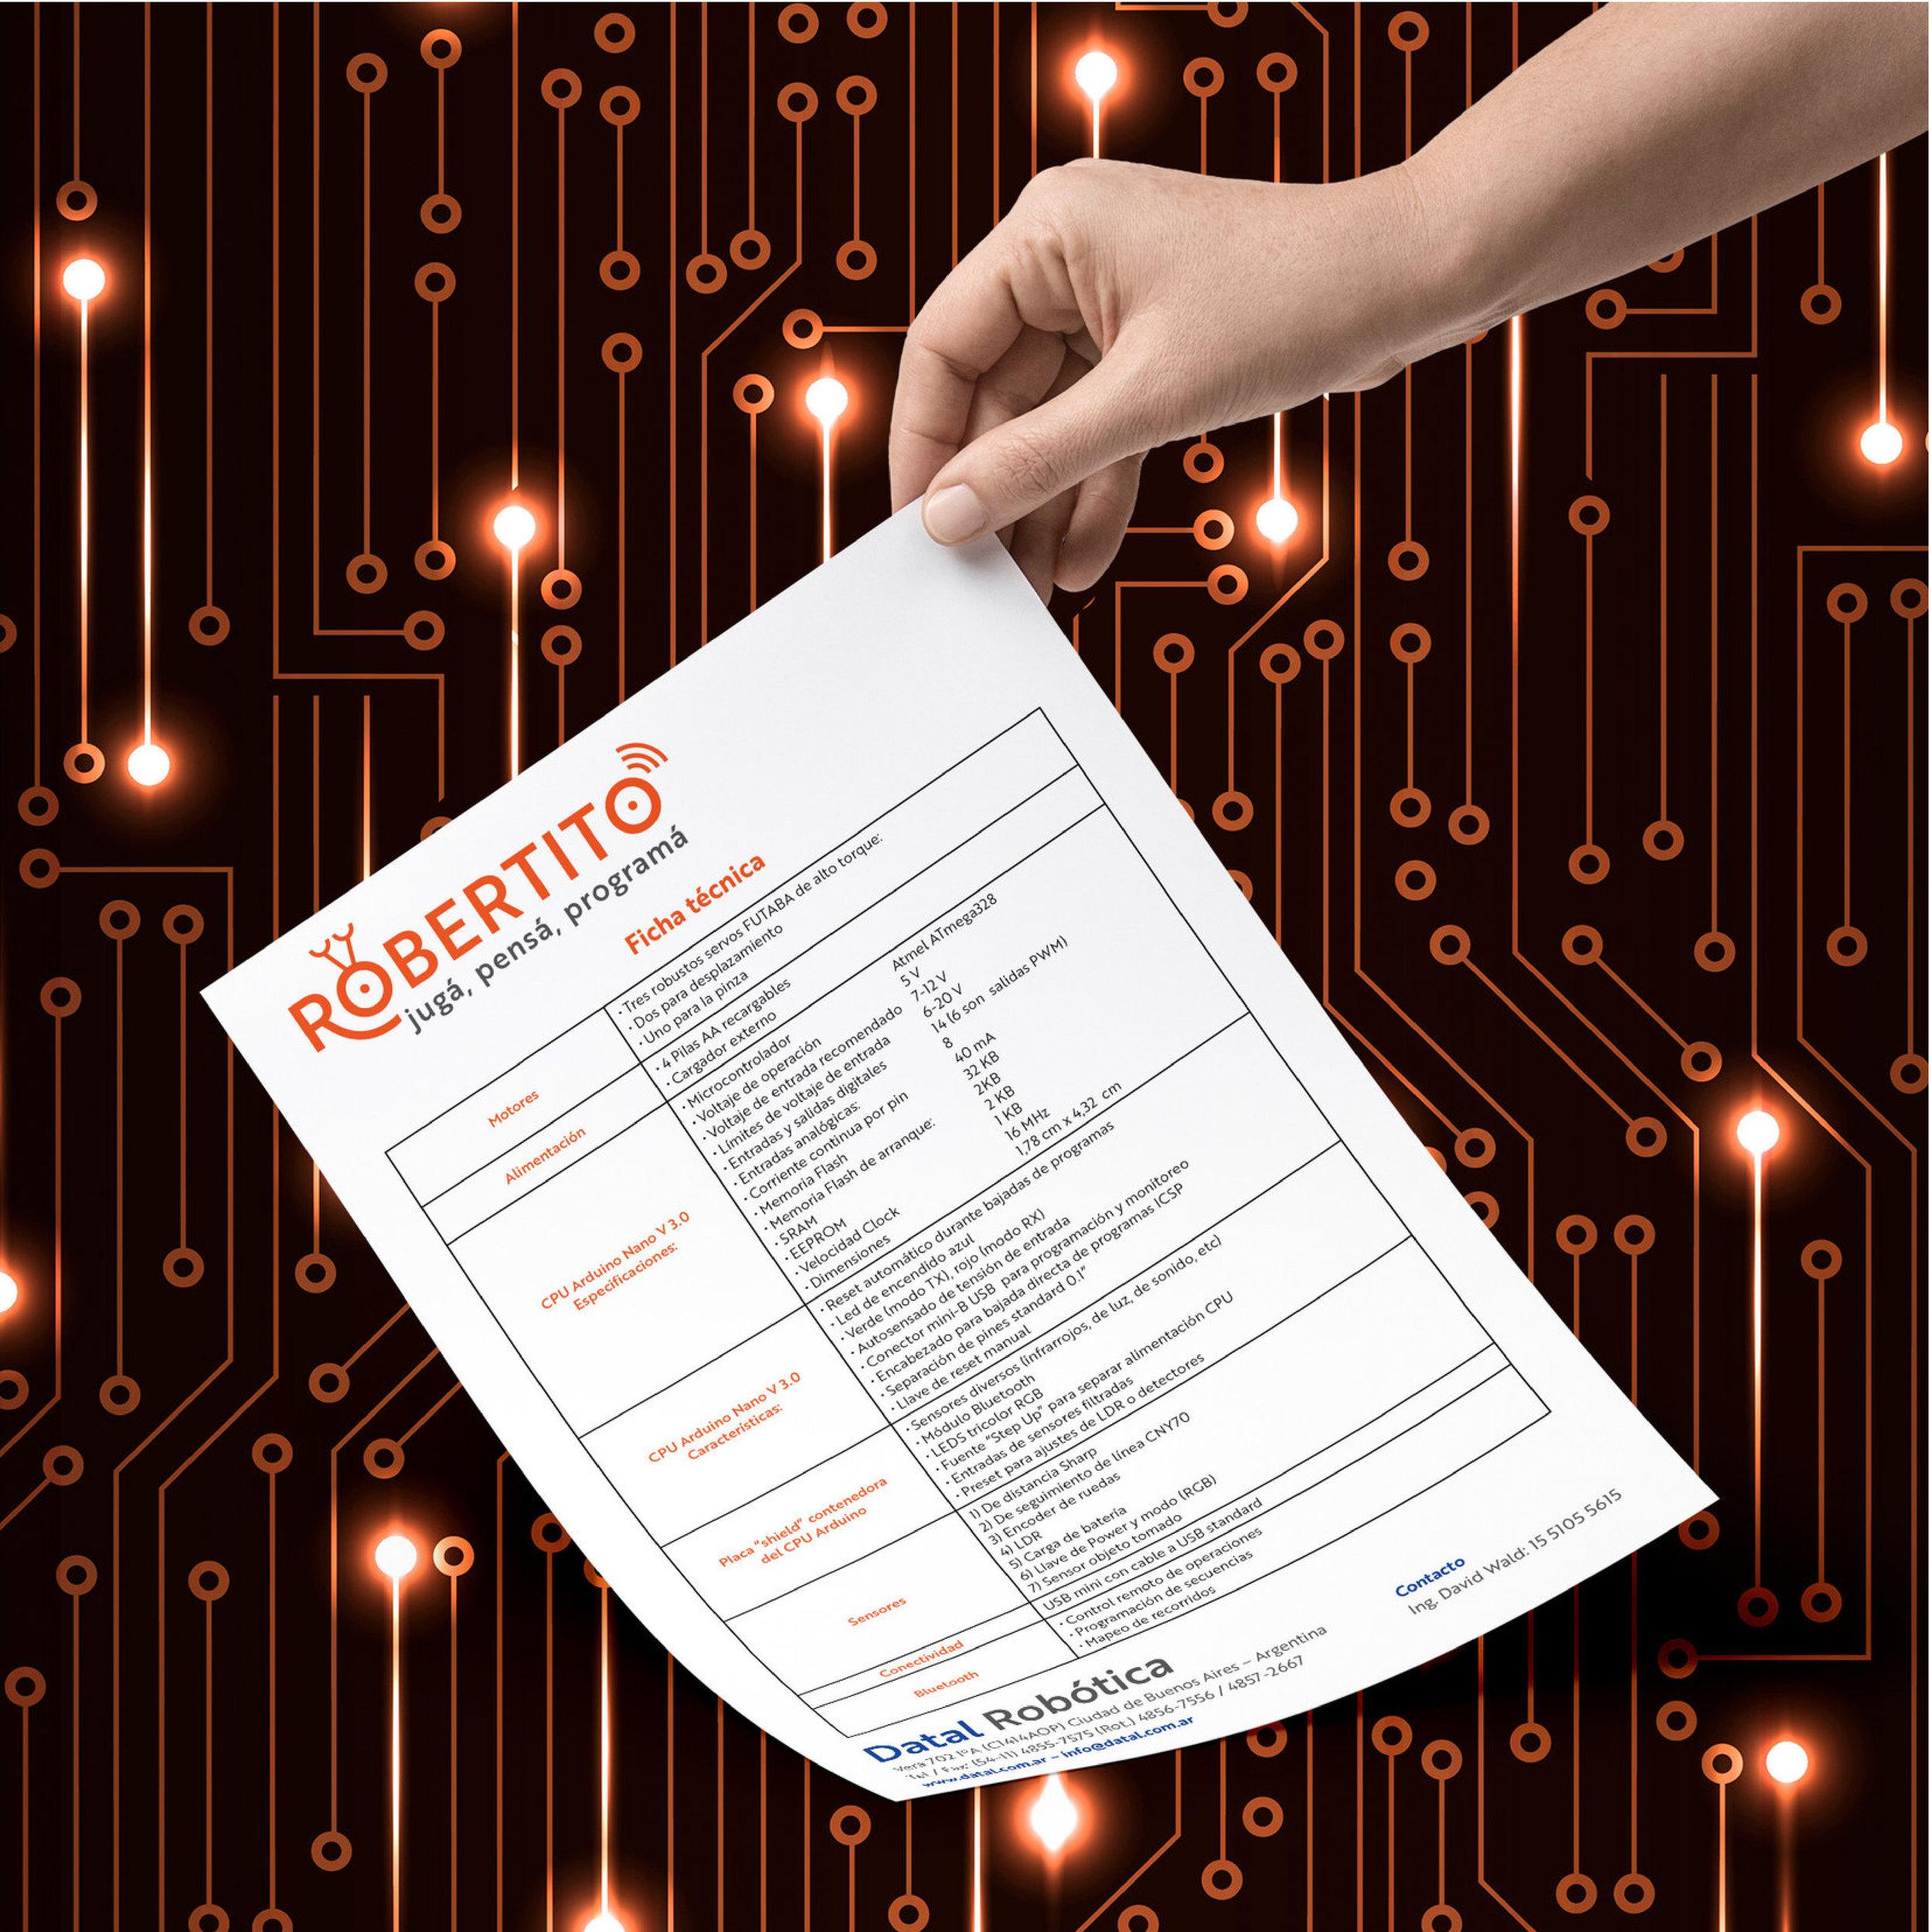 Datal_branding-04.jpg